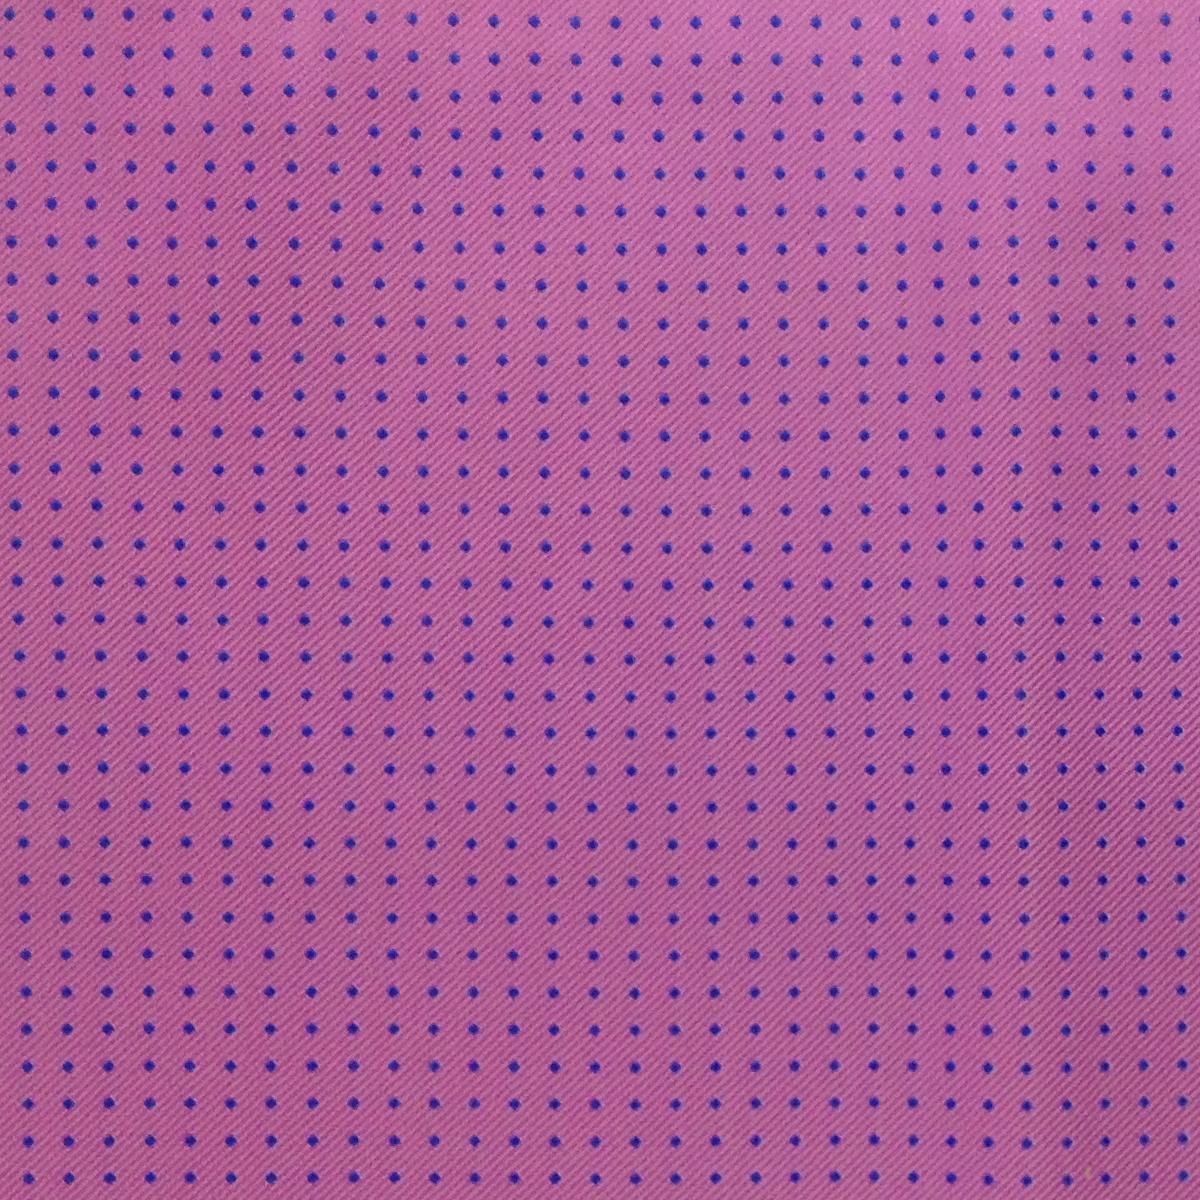 N657 spots PINK - - Con Murphys Menswear